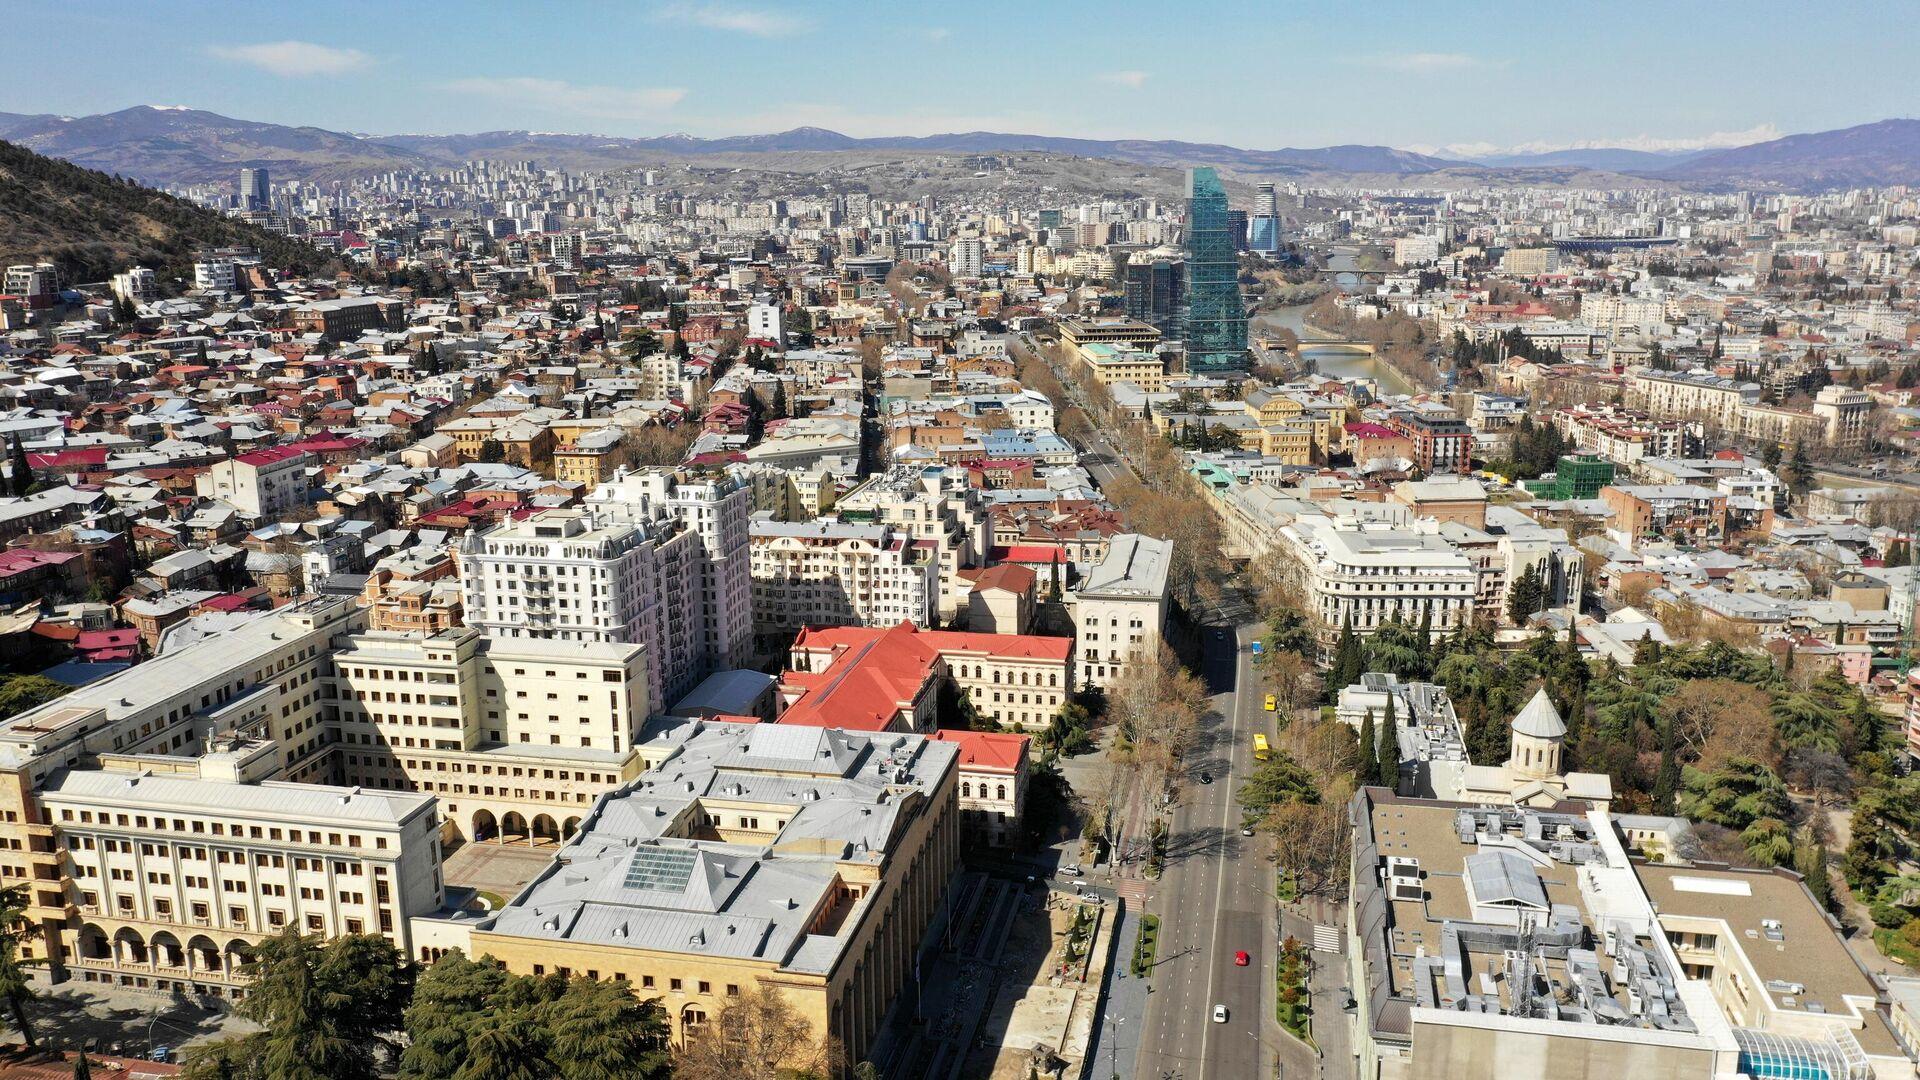 Вид на Тбилиси, Грузия - РИА Новости, 1920, 20.04.2021